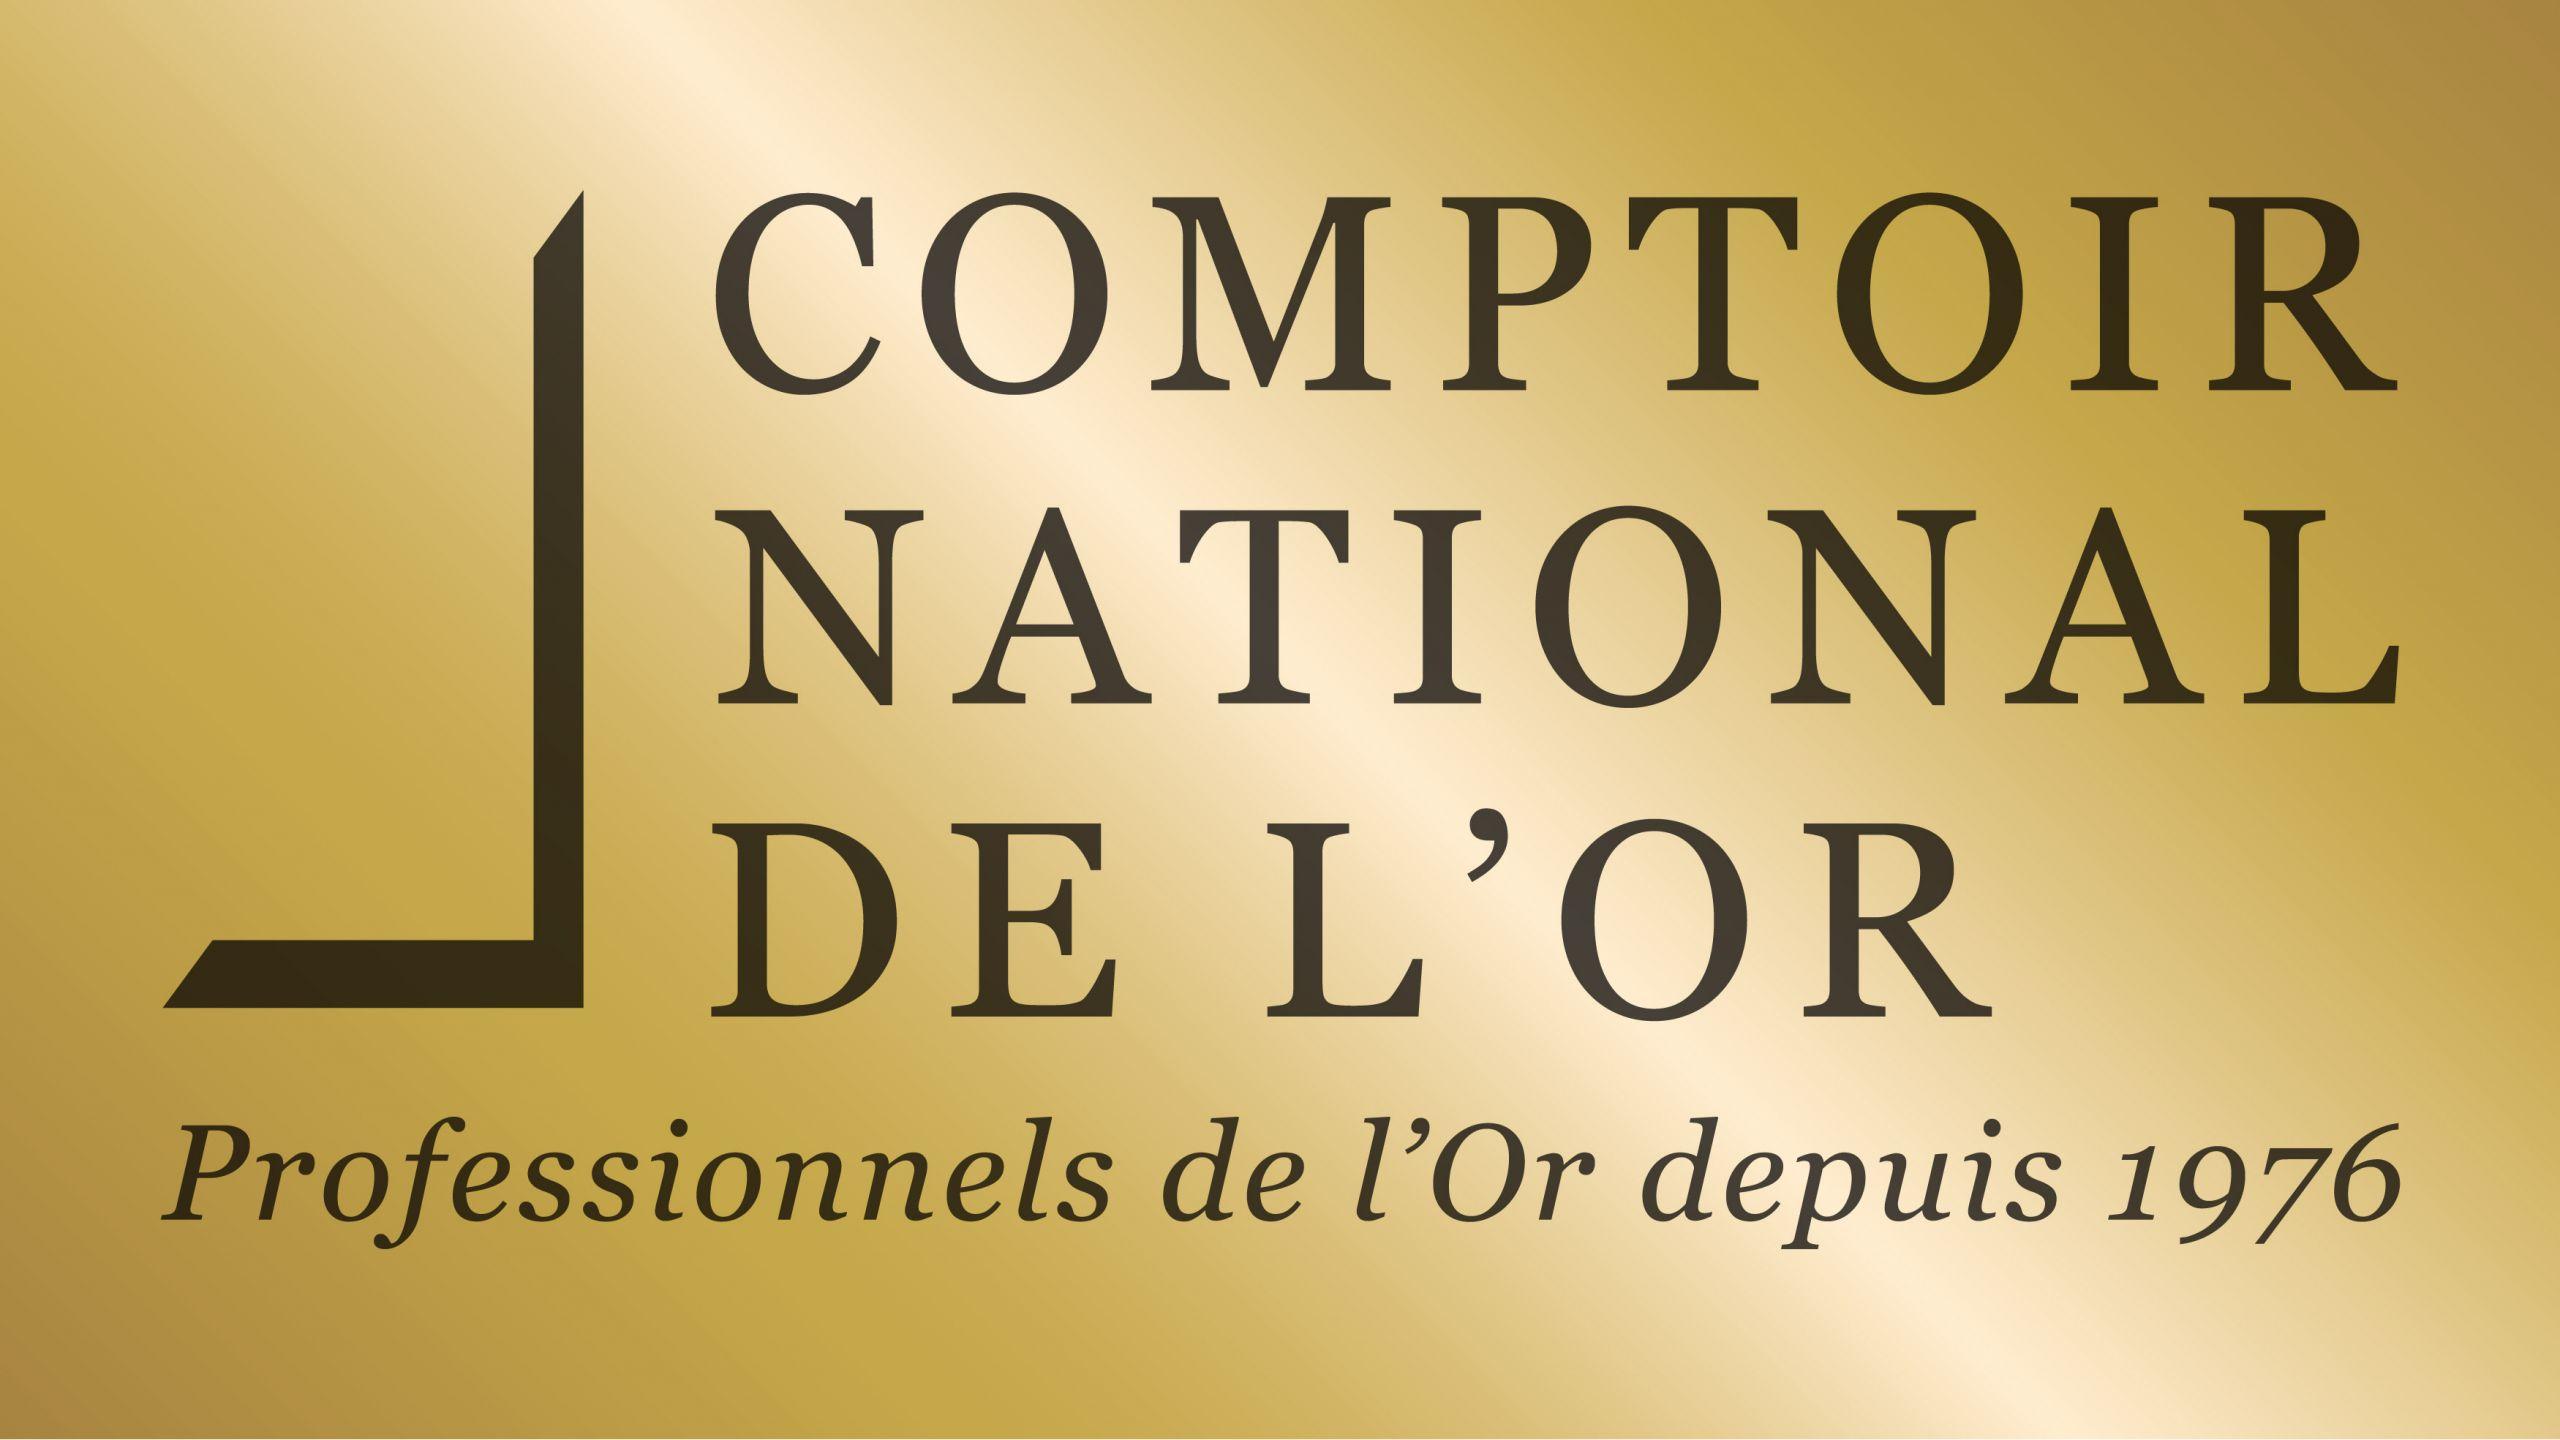 Le Comptoir National de l'Or, le spécialiste français de l'or investissement et de l'expertise de bijoux fête ses 45 ans et dévoile ses perspectives de développement